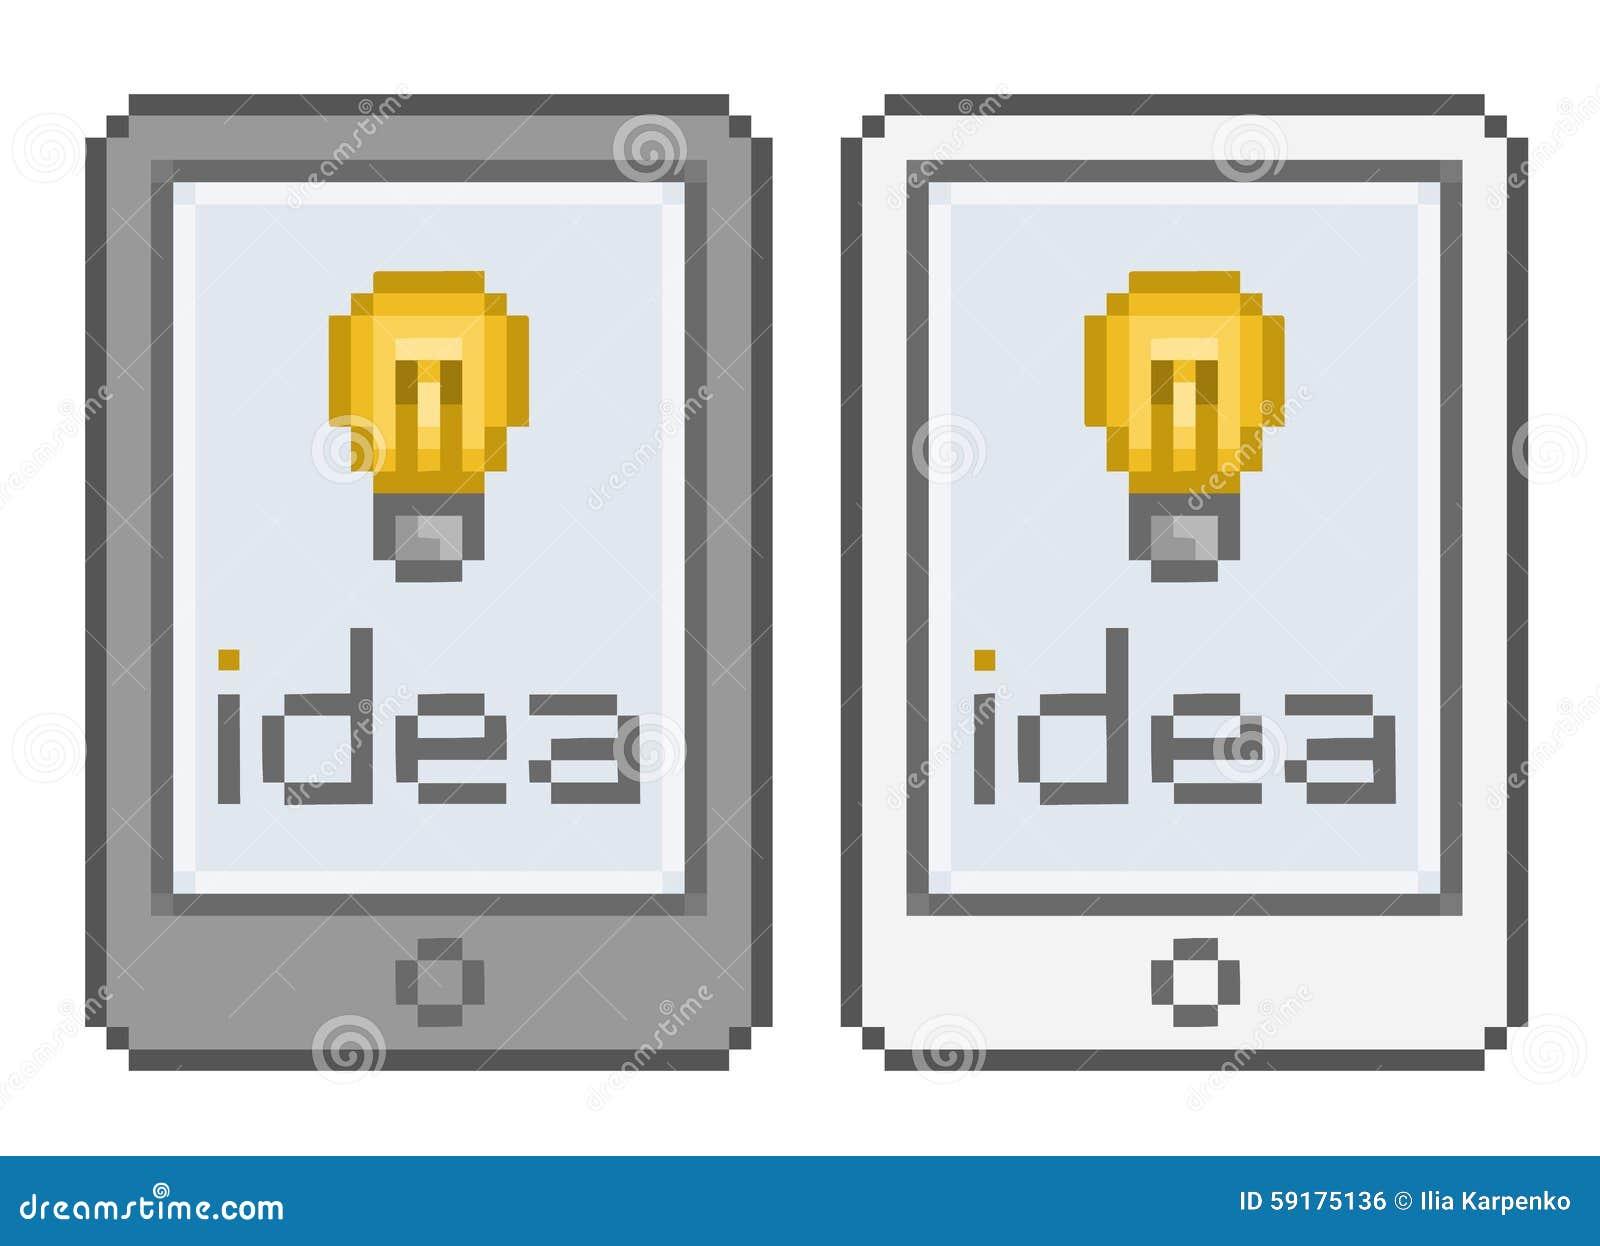 Idée De Comprimé Dart De Pixel Illustration De Vecteur